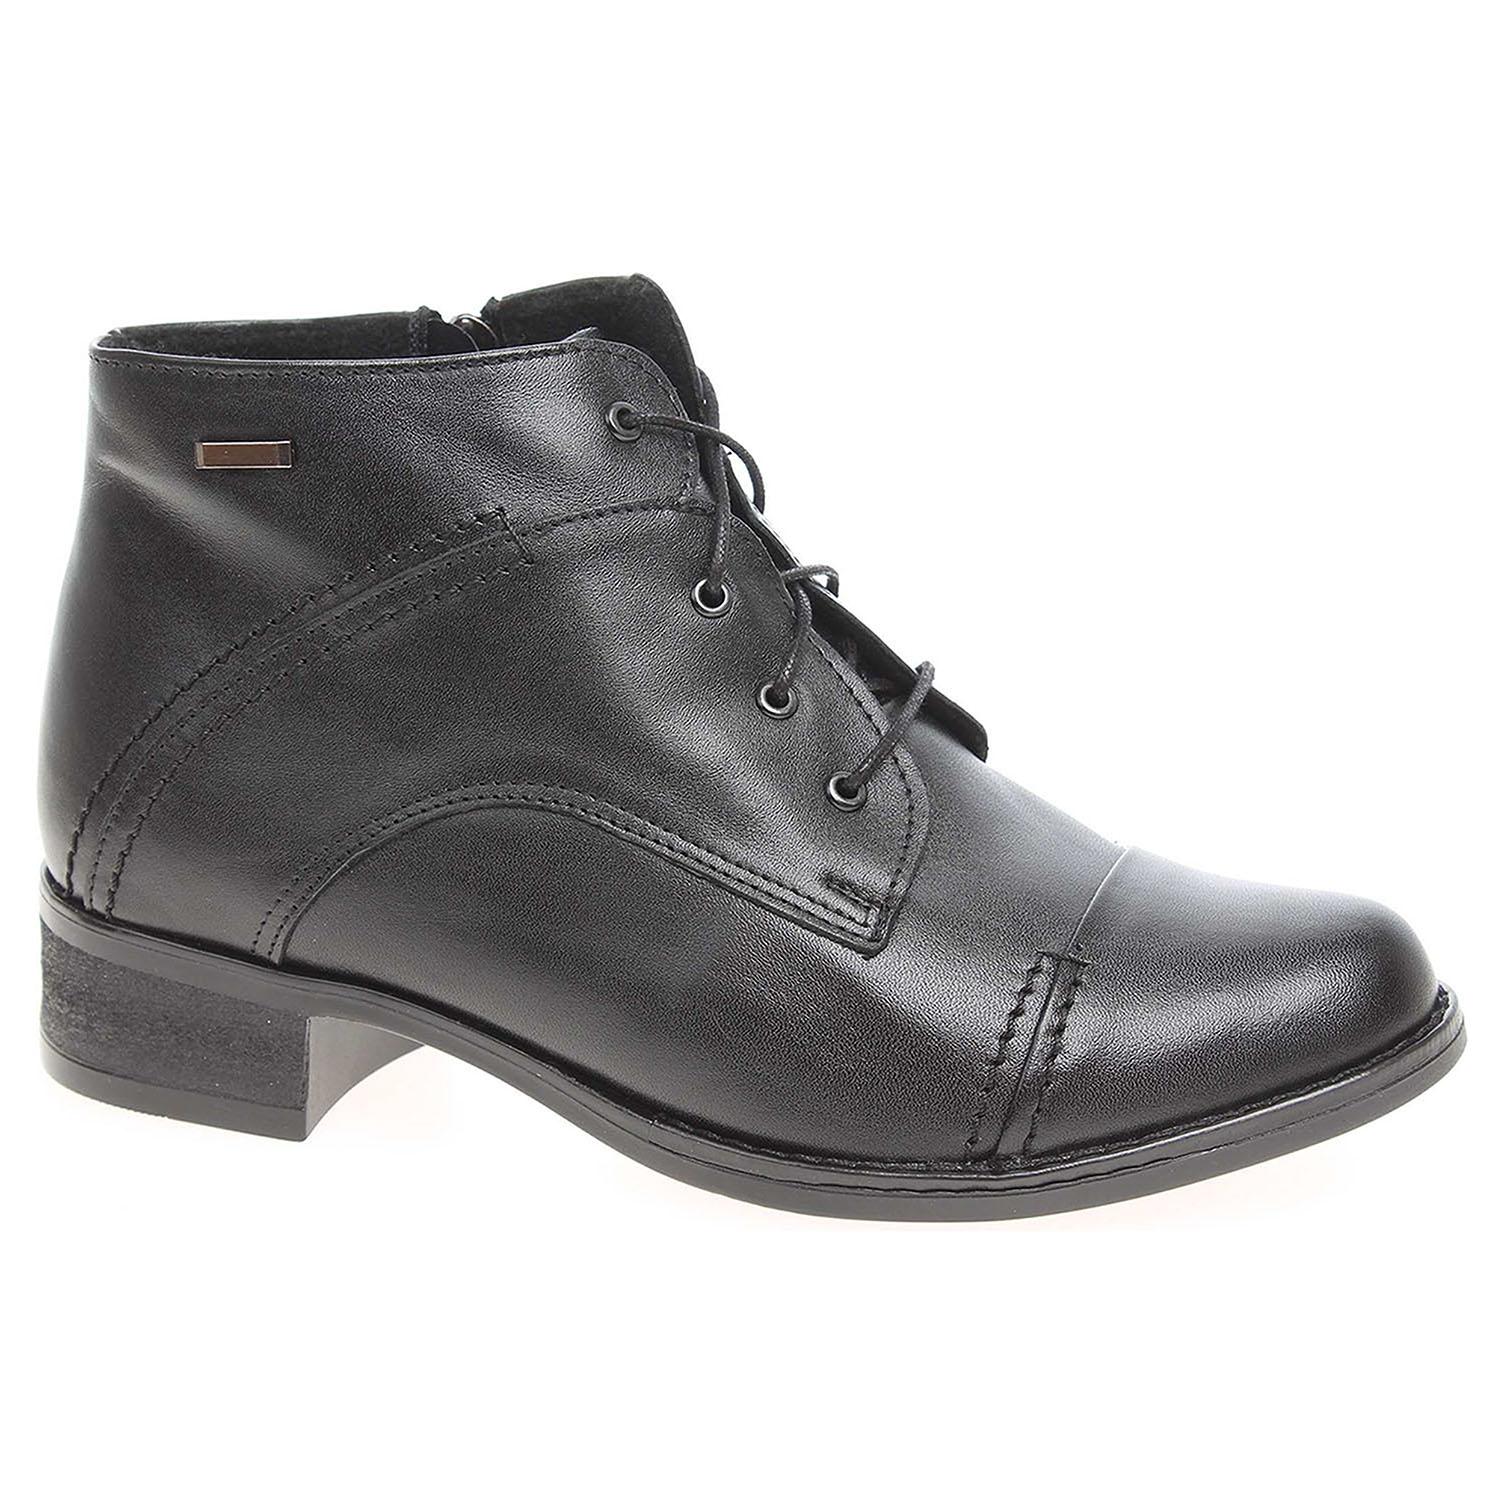 Dámská kotníková obuv AR 754 černá AR 754 37